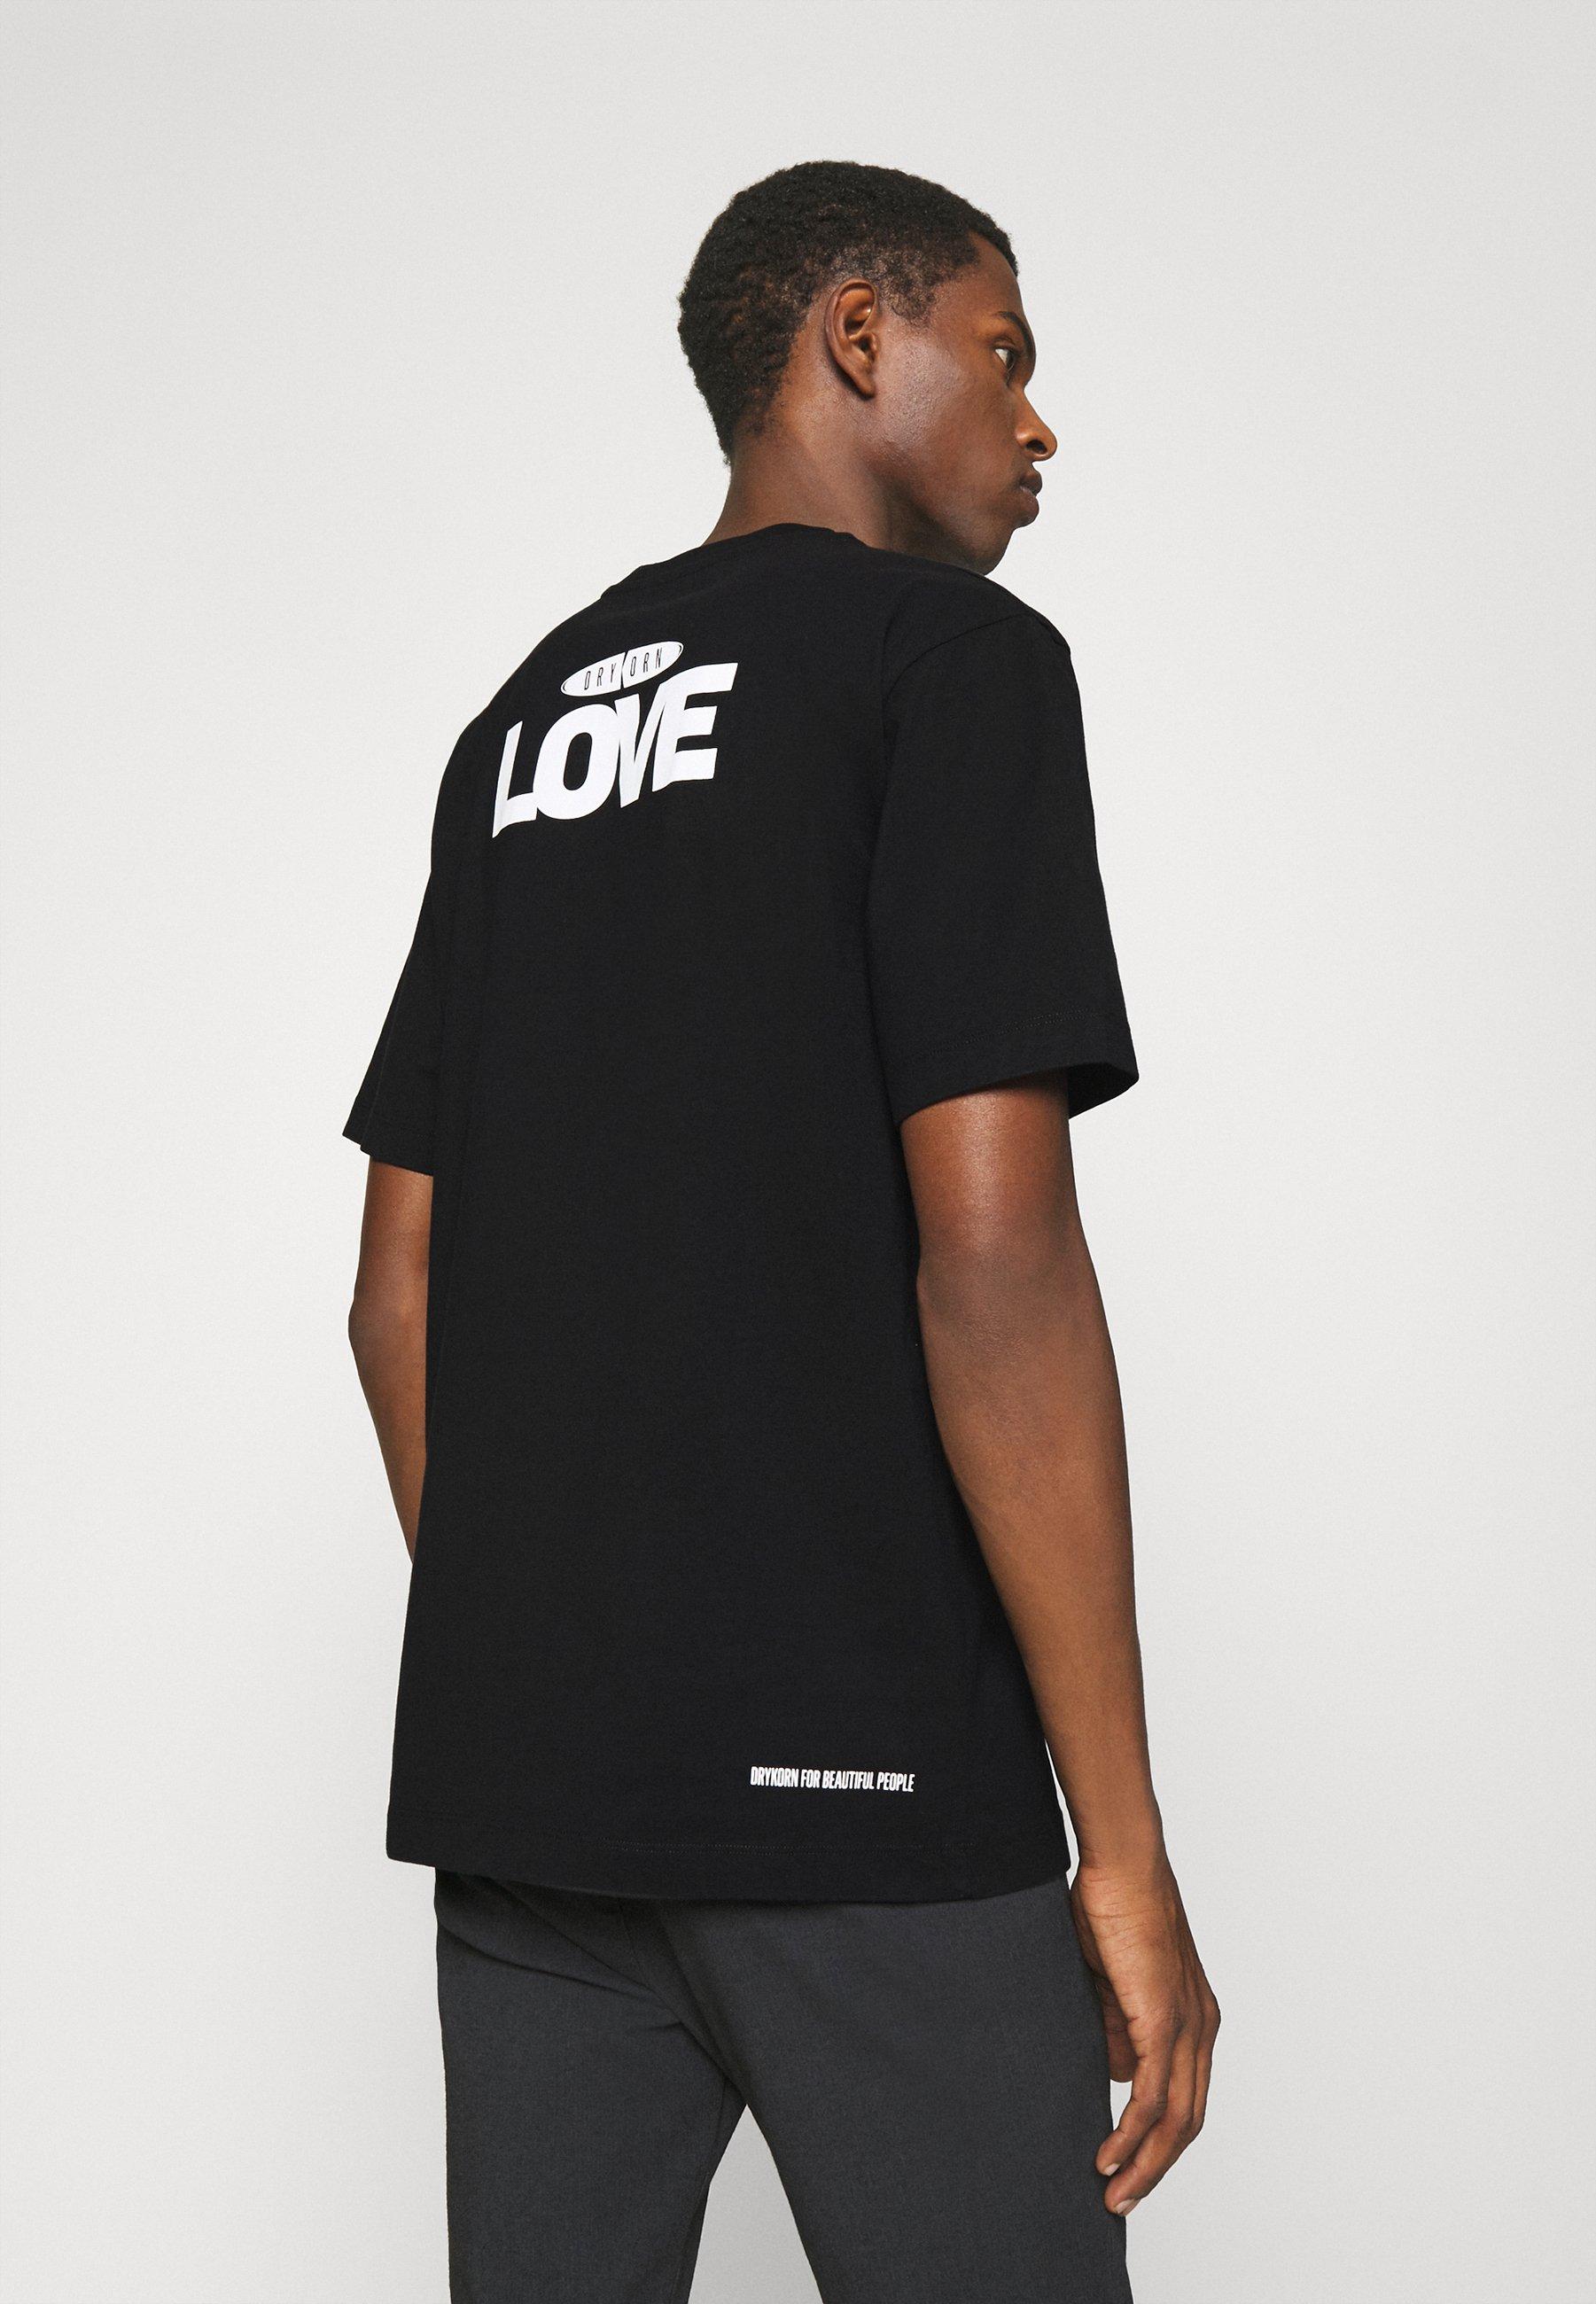 Homme EDDY LOVE - T-shirt imprimé